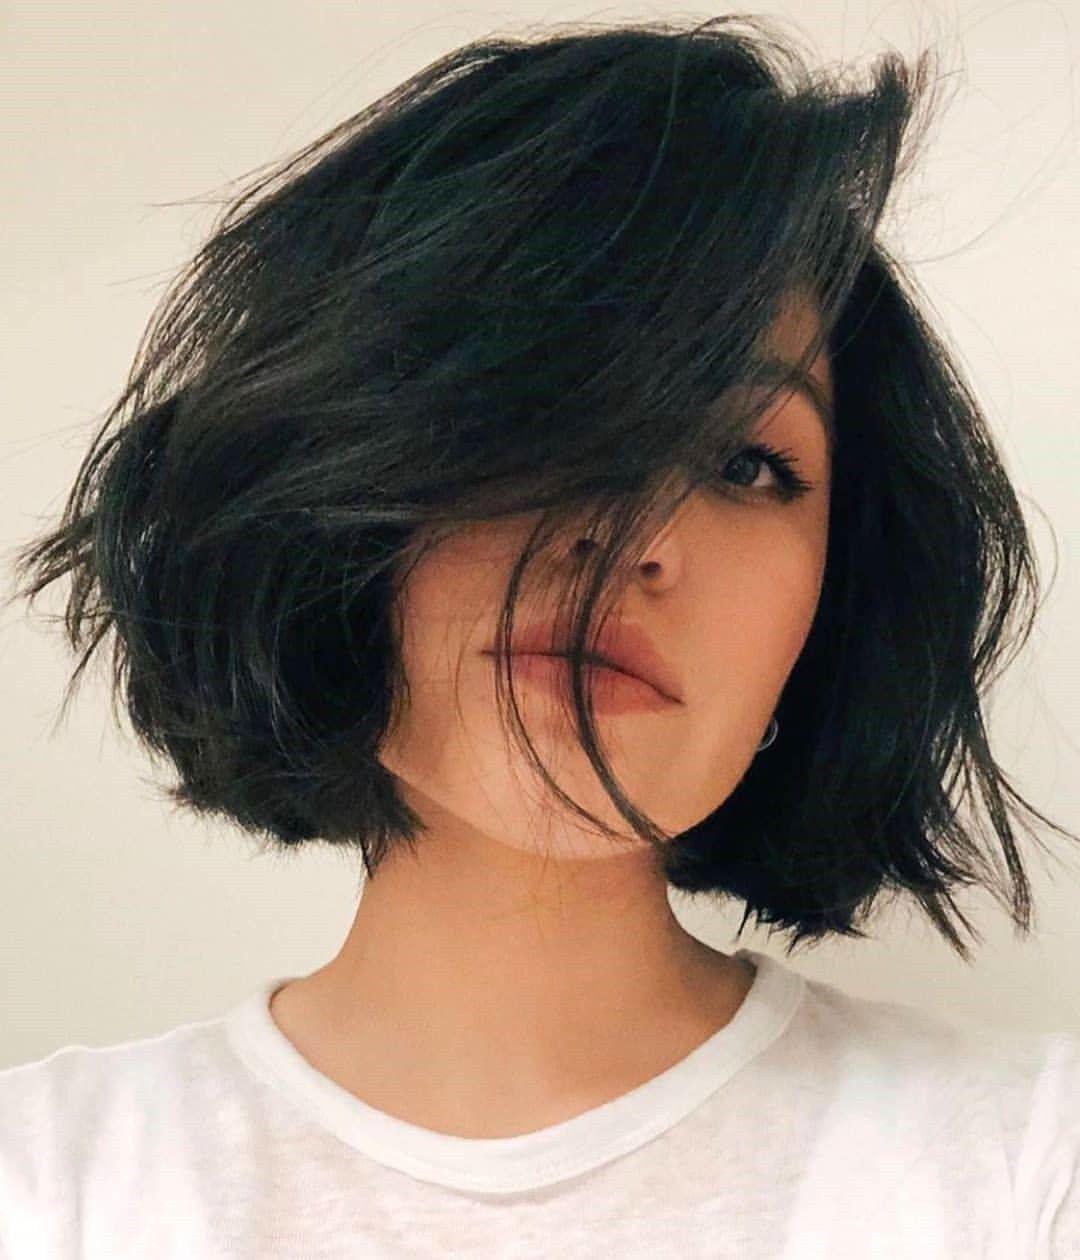 Edgy Hair 2019 90 Meeste Edgy Korte Kapsels Voor Vrouwen 2019 In 2020 Edgy Hair Hair Styles Thick Hair Styles